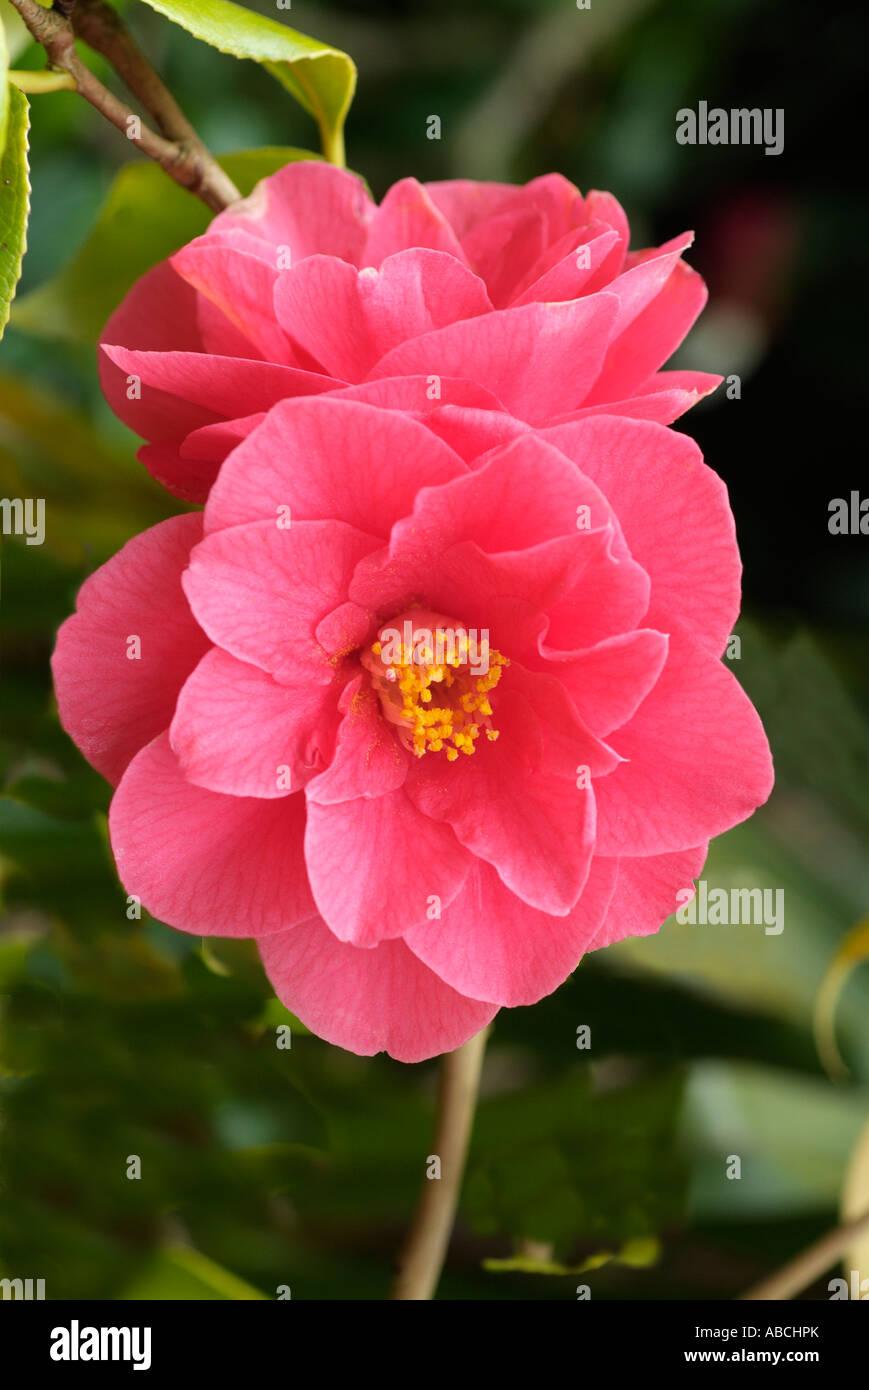 Camellia japonica oranger botanique fermer macro close-up closeup fleur pétale étamine anthère bractée jardin printemps woody bush ombre pl Banque D'Images